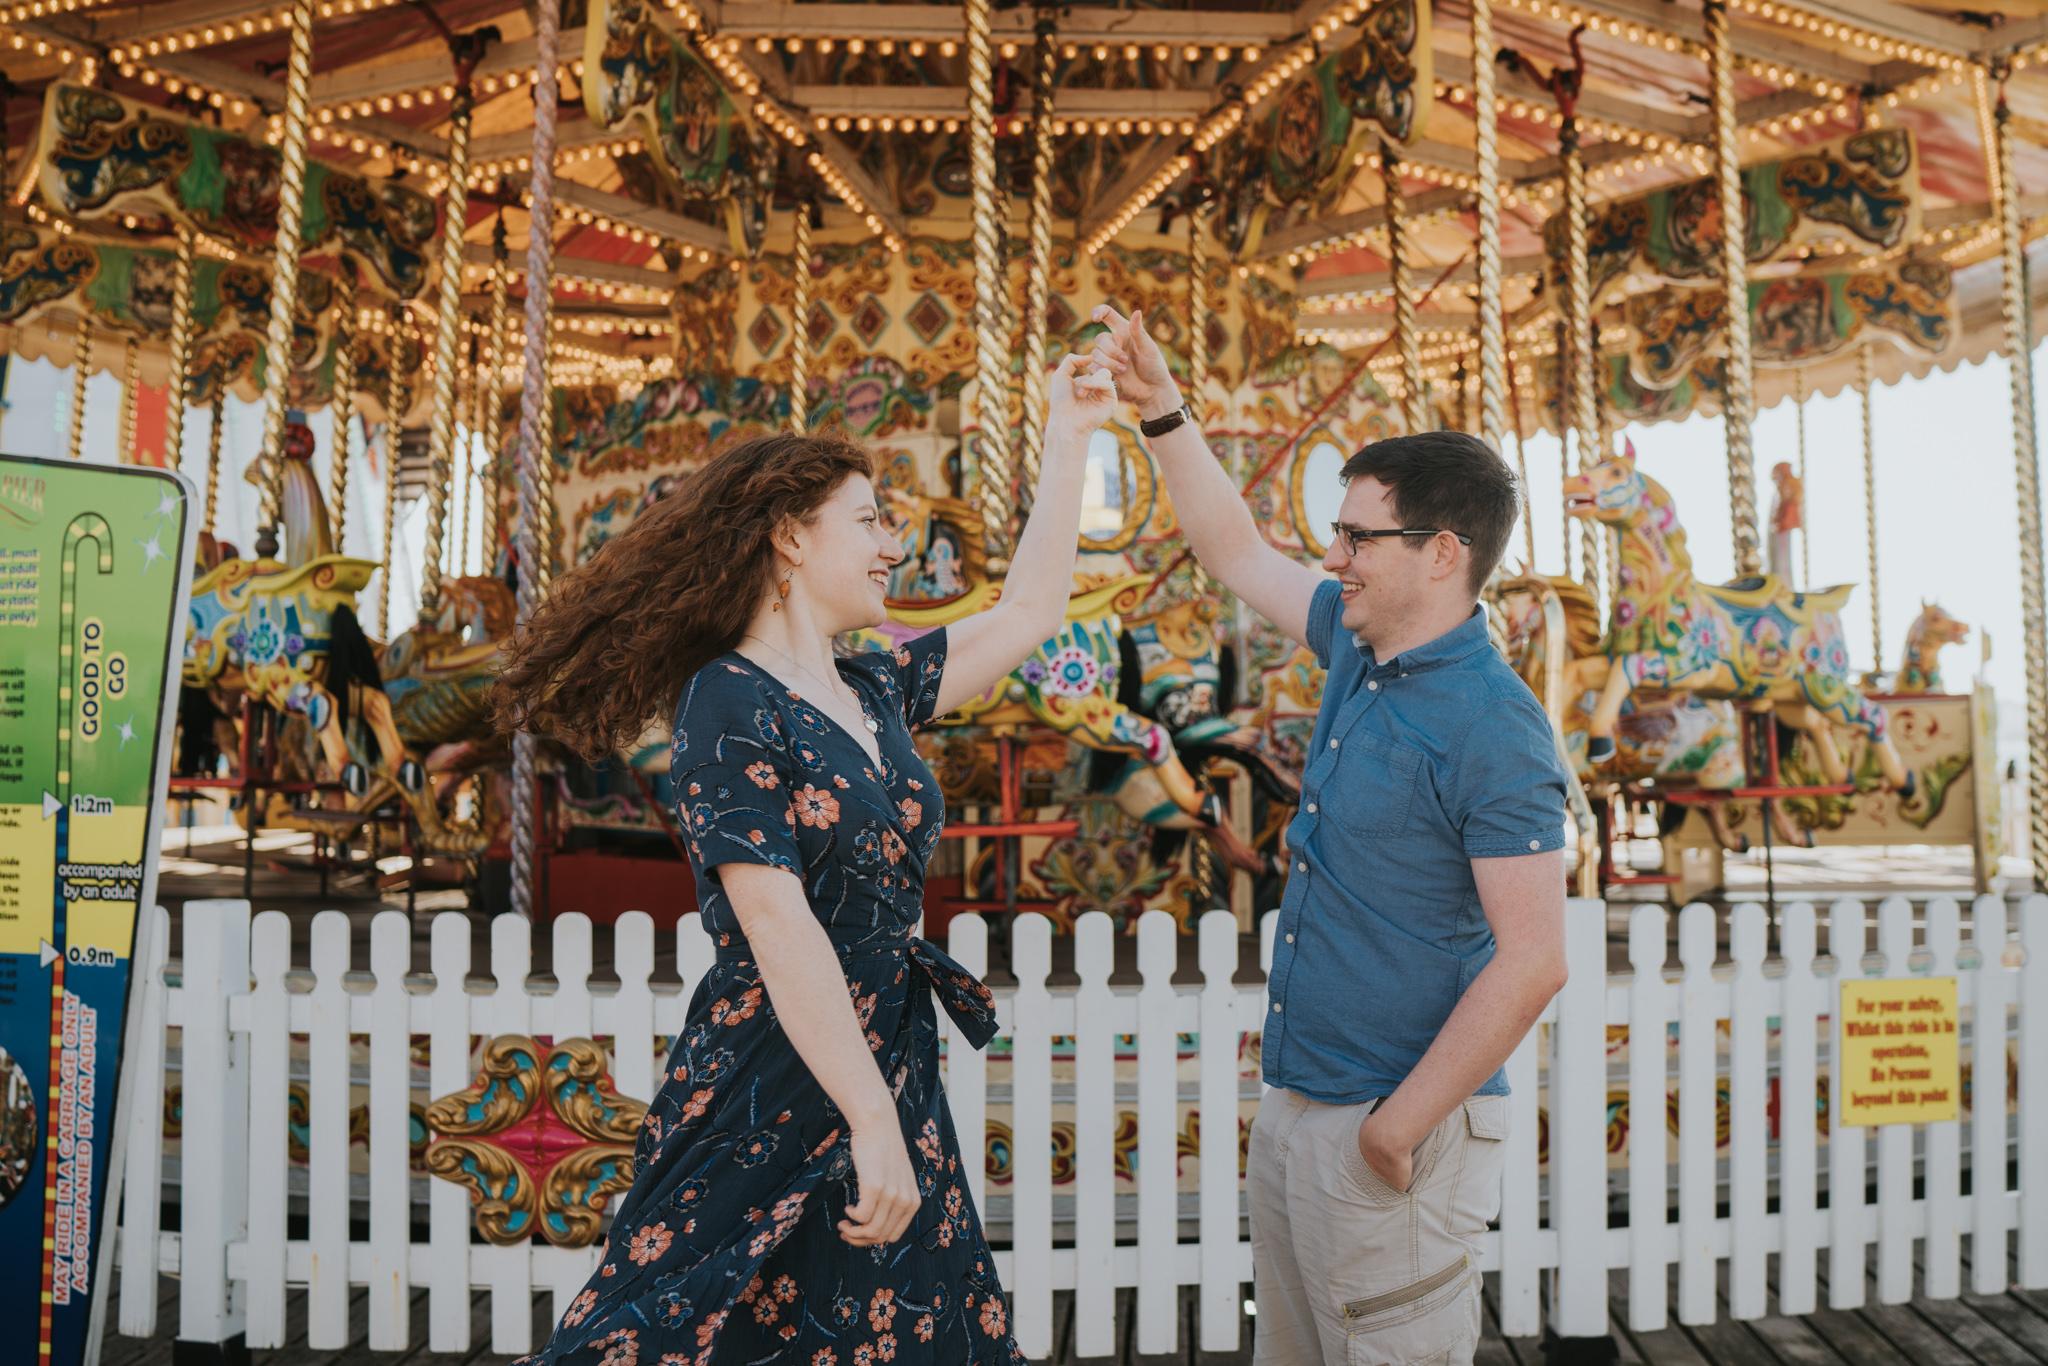 philippa-mark-pre-wedding-session-brighton-pier-colchester-grace-elizabeth-colchester-essex-alternative-wedding-lifestyle-photographer-essex-suffolk-norfolk-devon-18.jpg